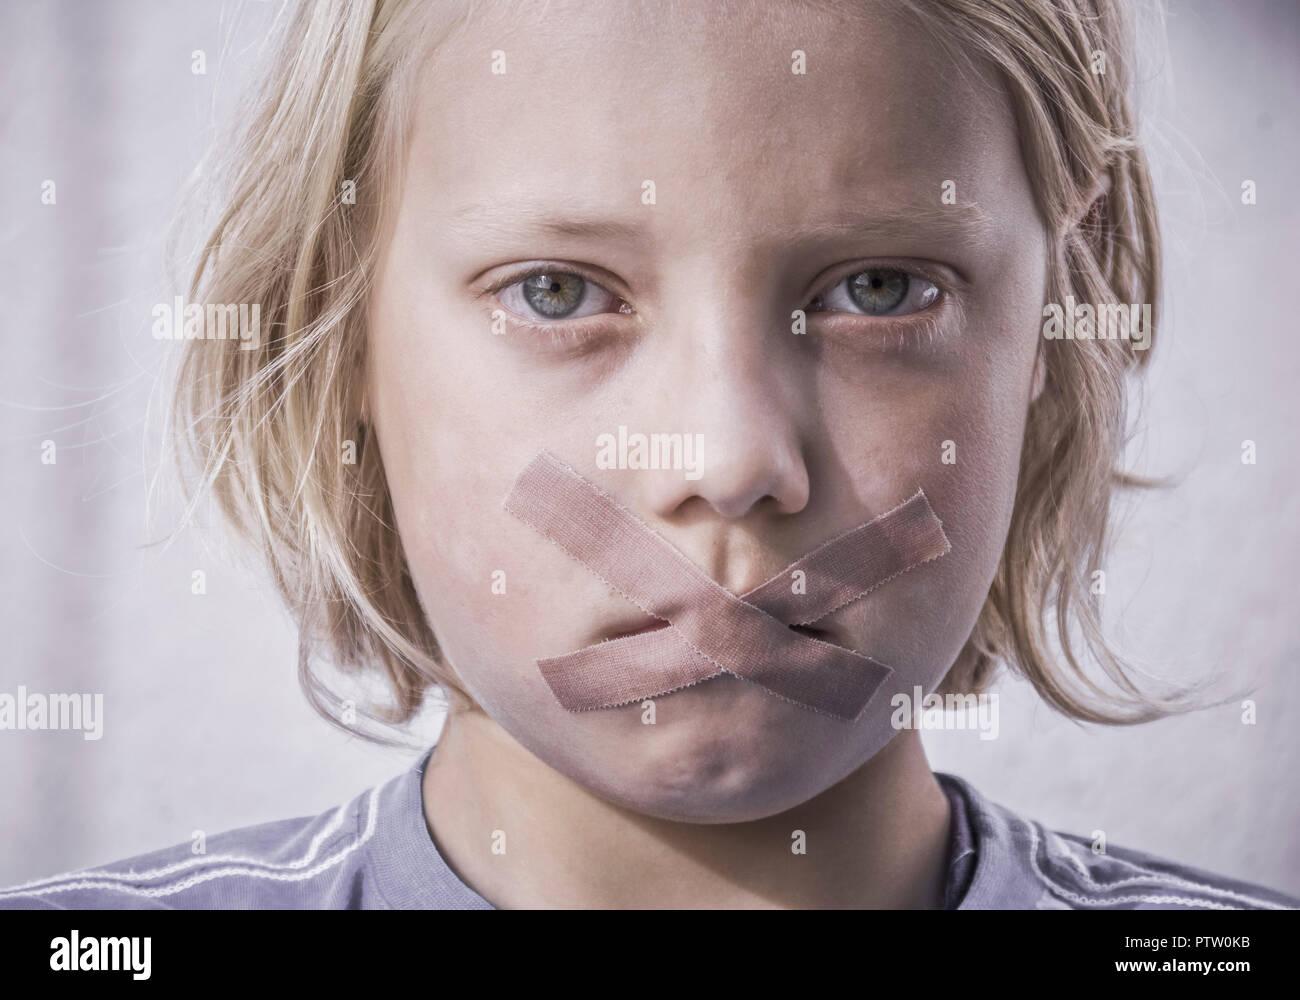 Munder Eines Kleinen Jungen ist Mit Heftpflaster Verklebt (Model-Release) Stockbild